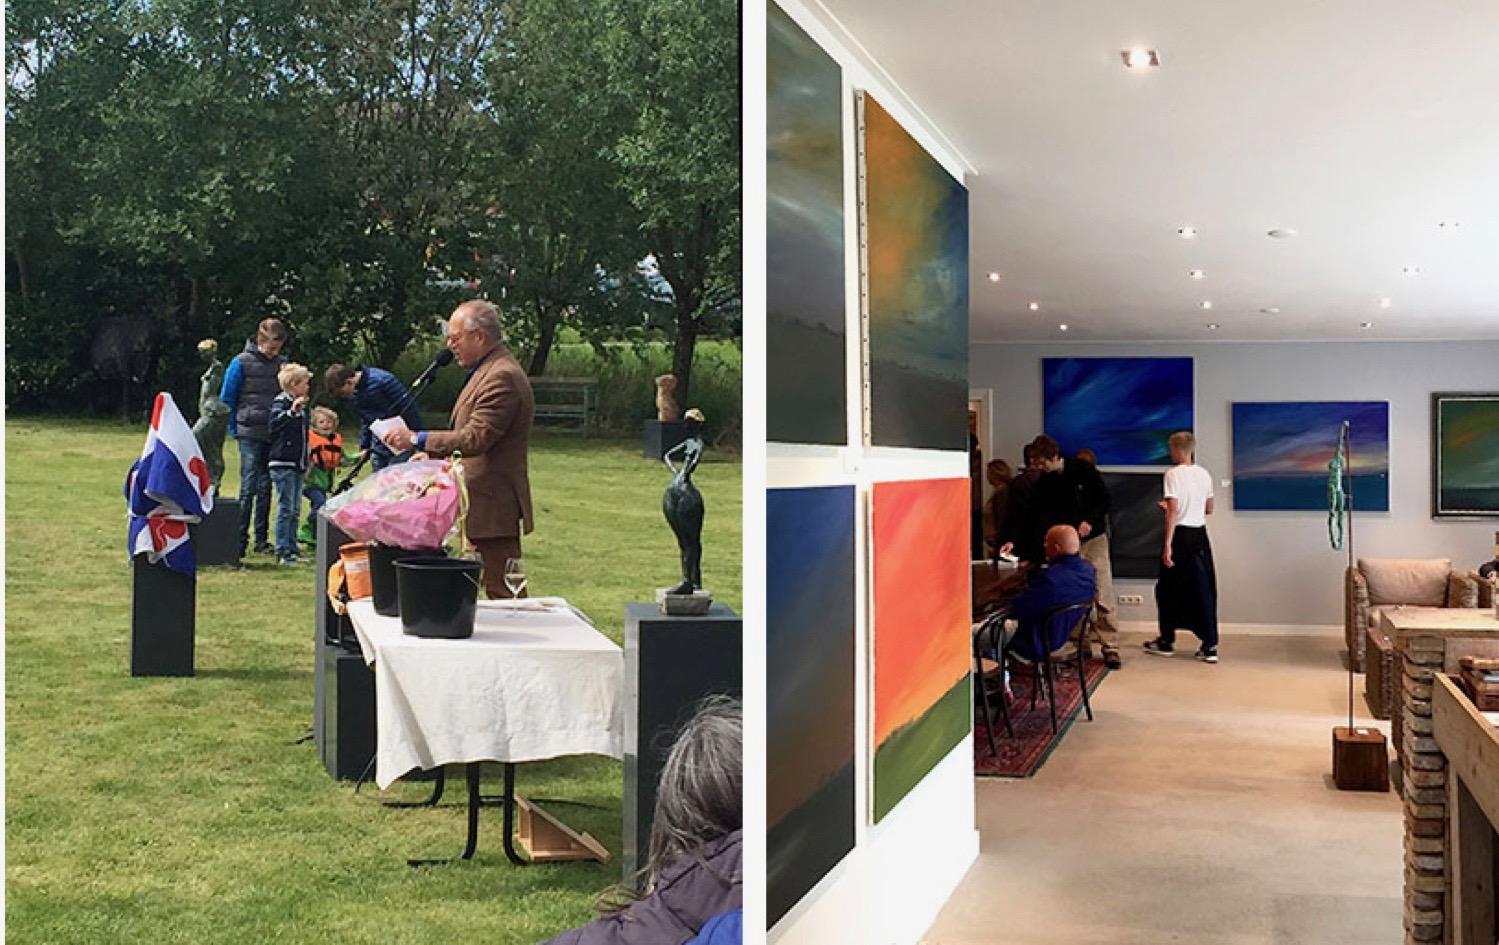 kunst,expositie,workum,joopbraakhekke,advandenboom